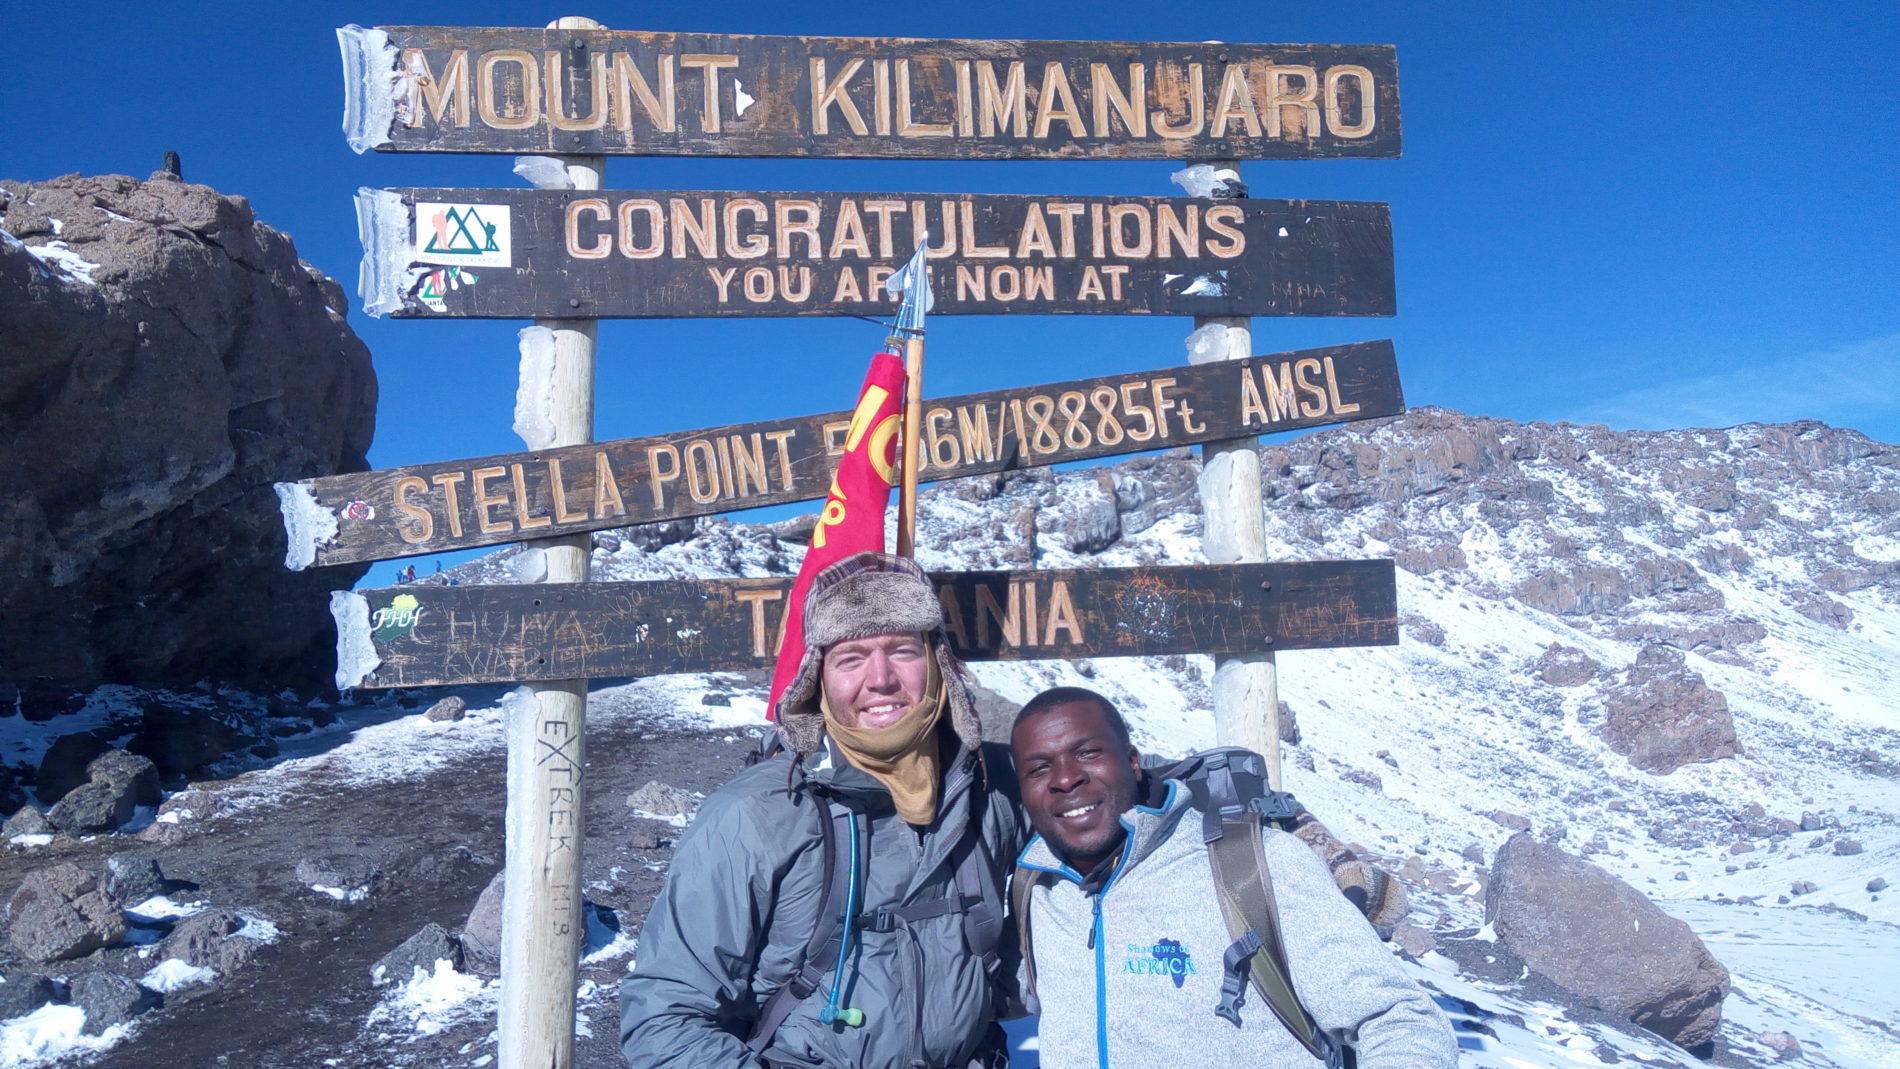 Kilimanjaro climb sign